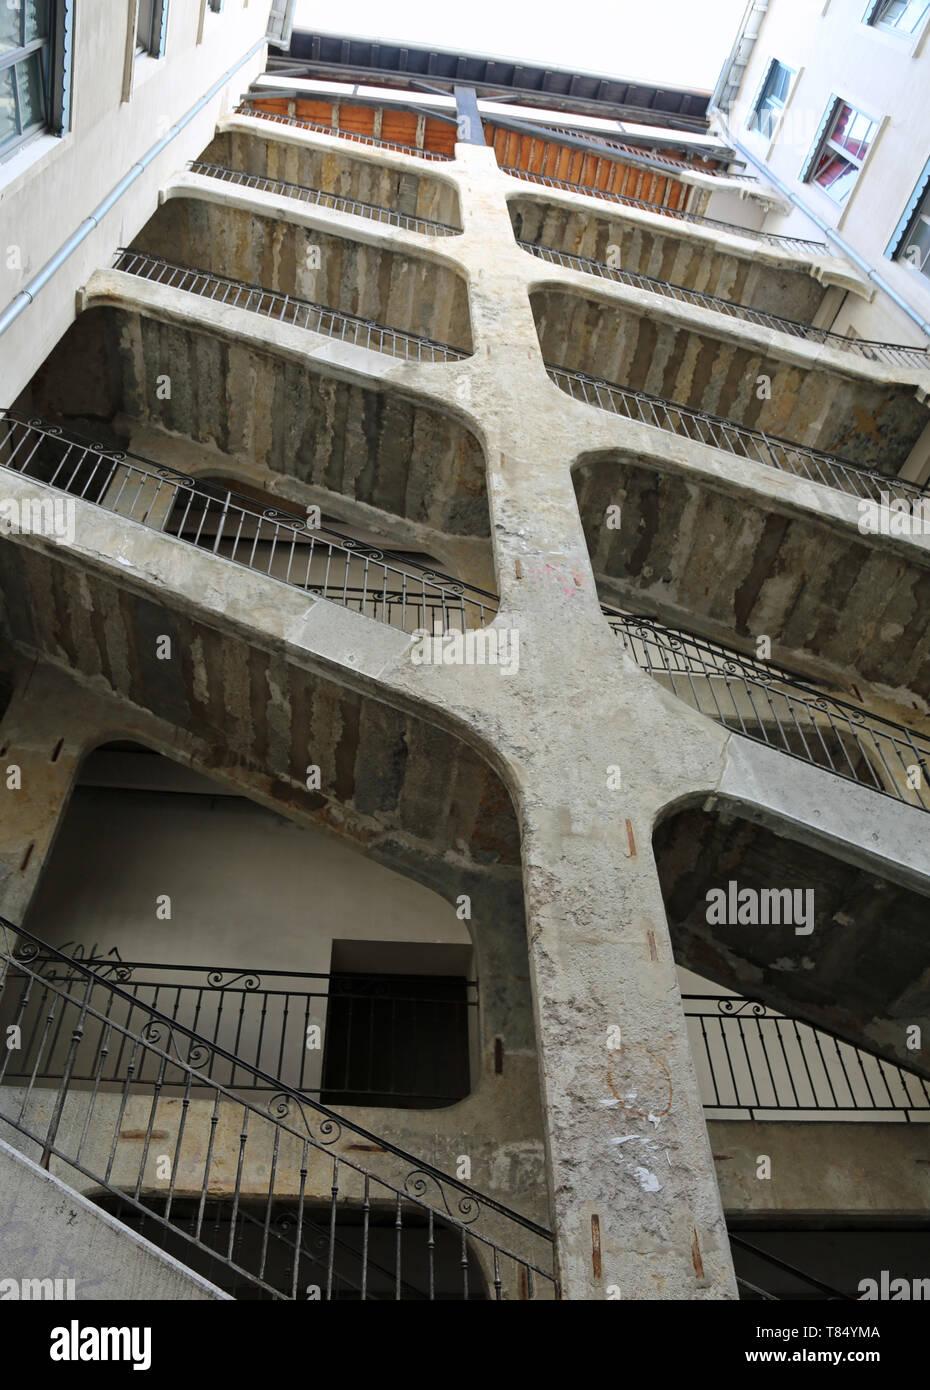 Lyon, France - August 16, 2018: six-floor stairway called Cour des Voraces or Maison de la République seen from below - Stock Image